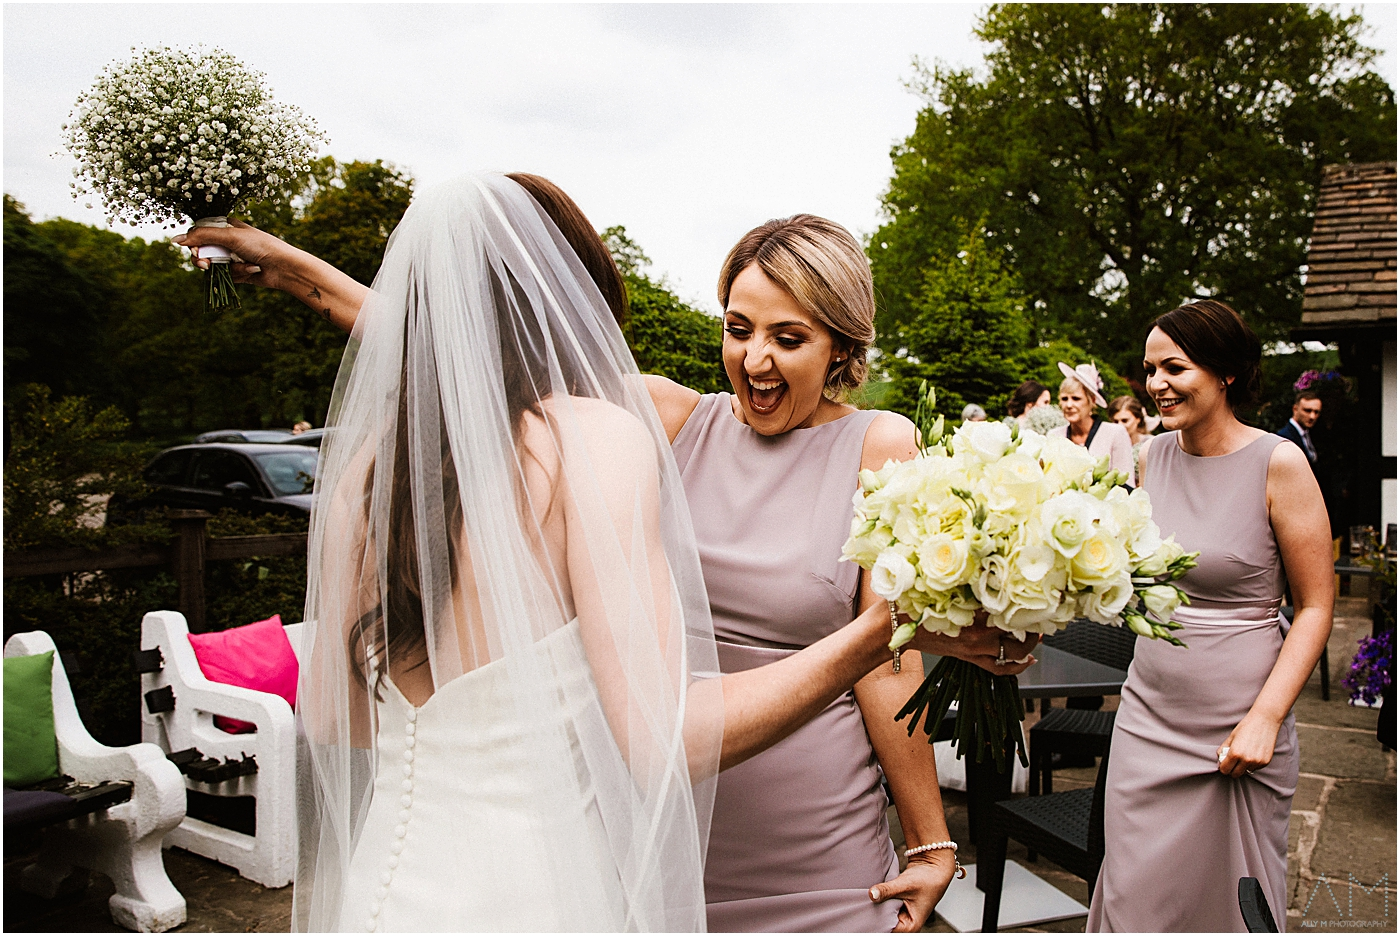 Happy bridesmaid congratulates the bride